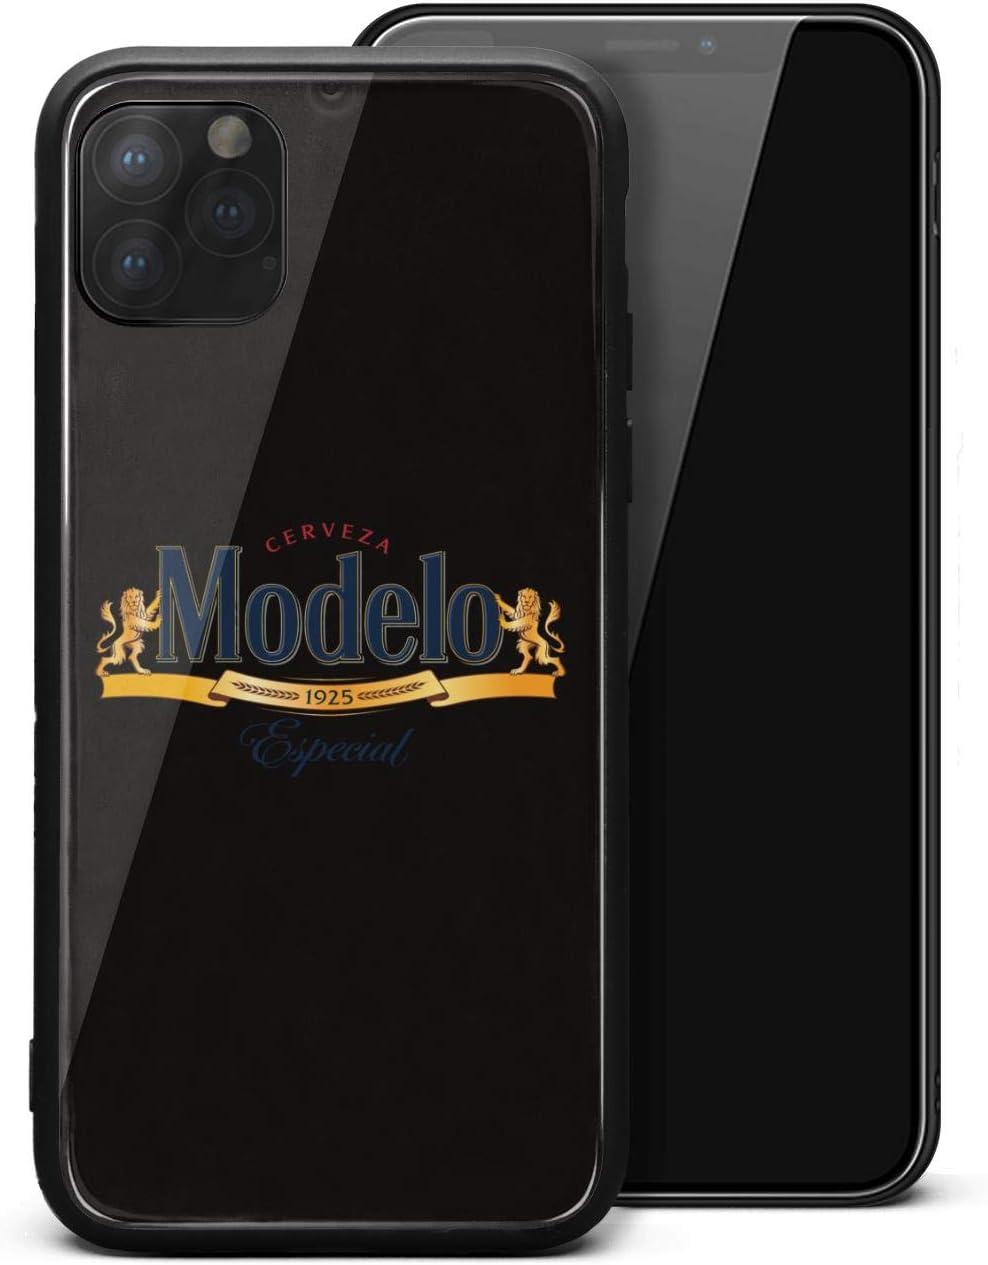 BP iPhone 11 case